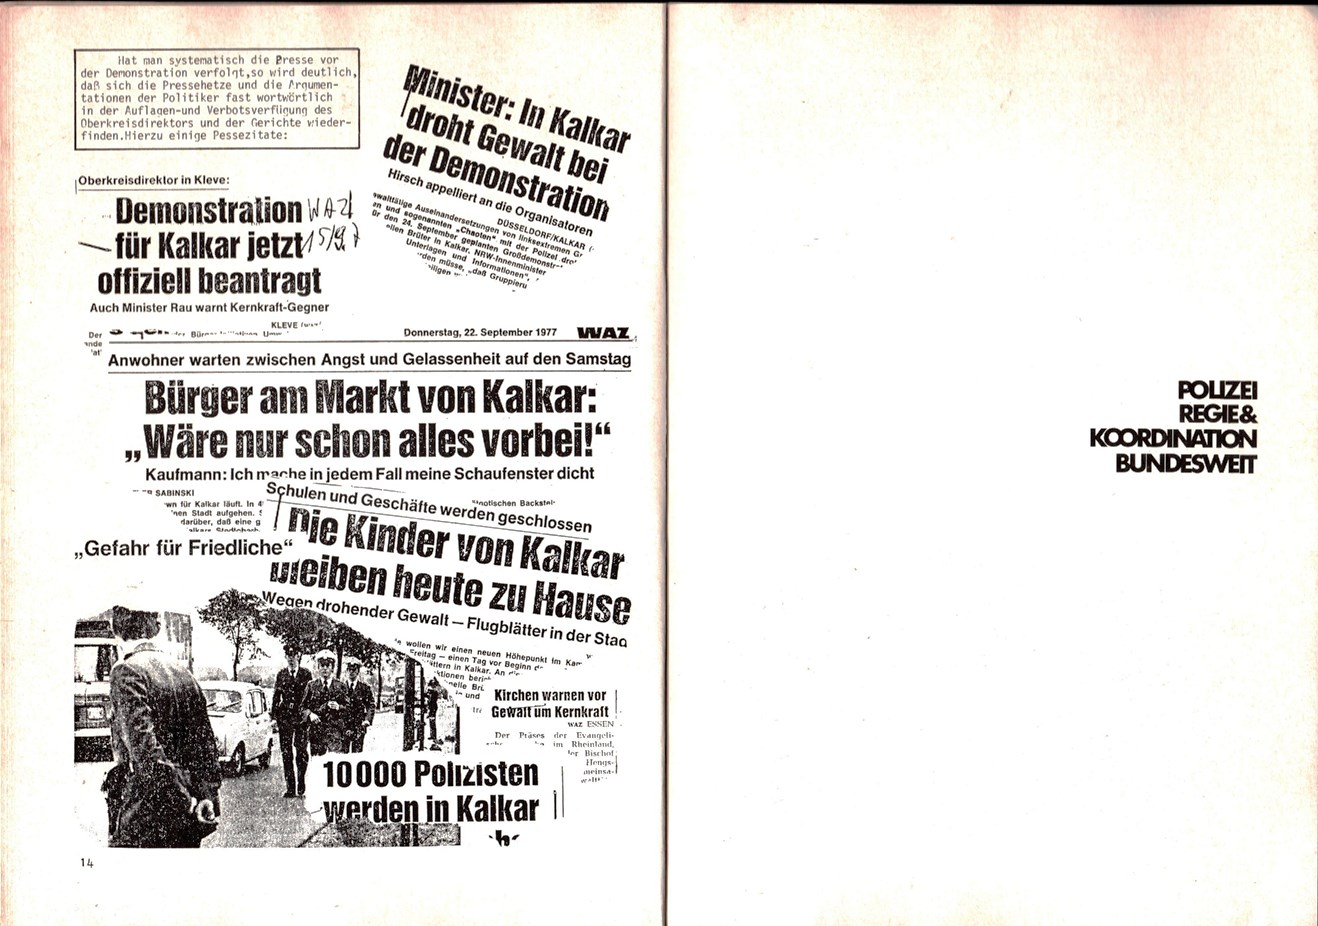 NRW_AKW_1977_Ermittlungsausschuss_zur_Kalkardemonstration_009